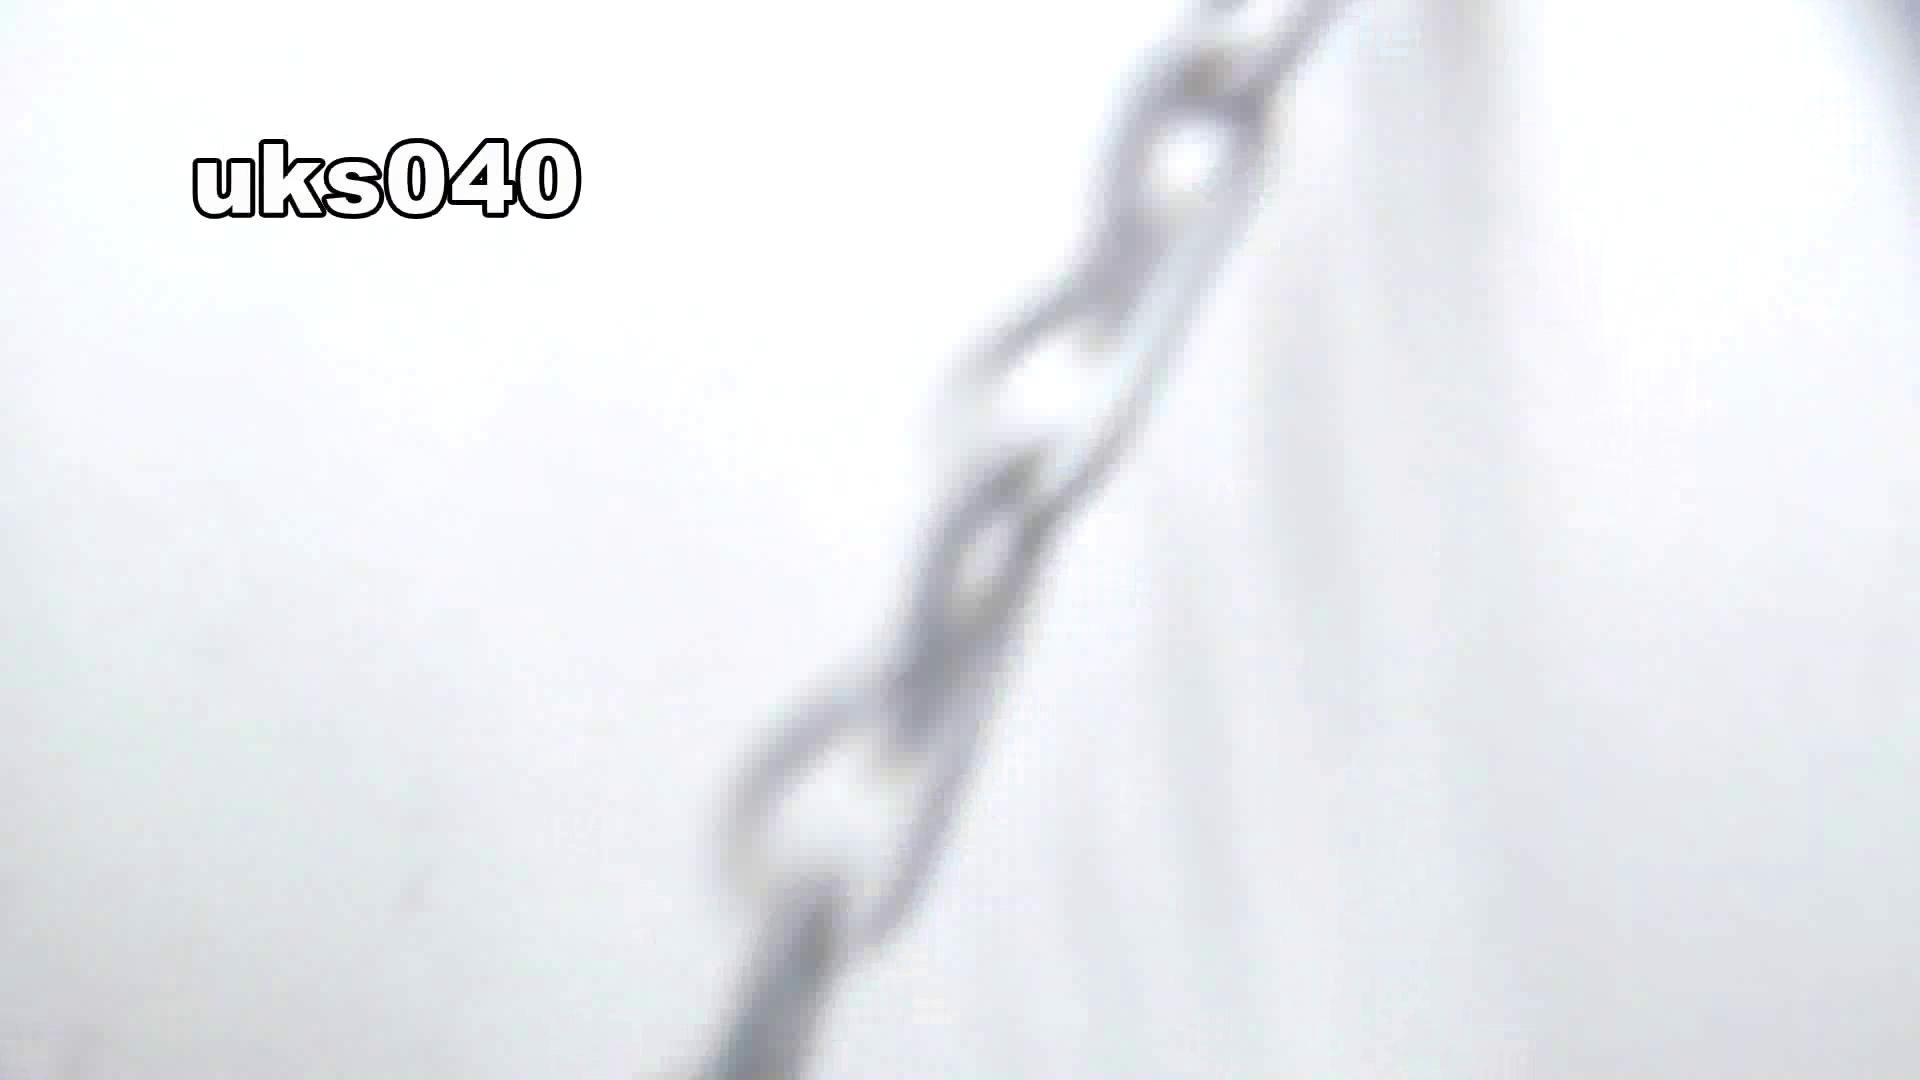 【美しき個室な世界】 vol.040 出て行かれる時の清楚姿撮り 高画質  88PIX 82